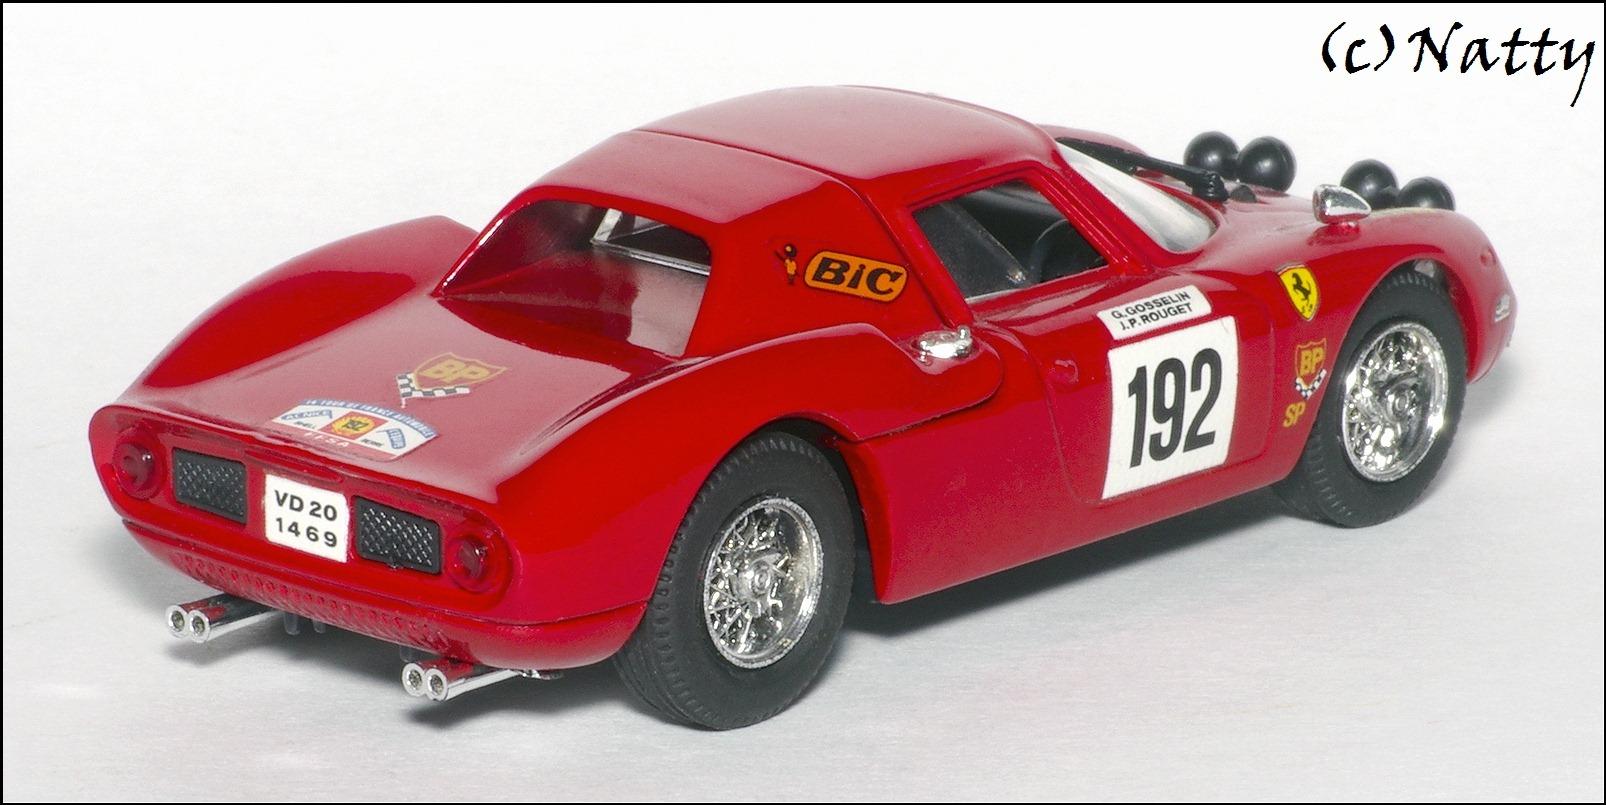 best model 1969 ferrari 250 lm tour de france red. Black Bedroom Furniture Sets. Home Design Ideas